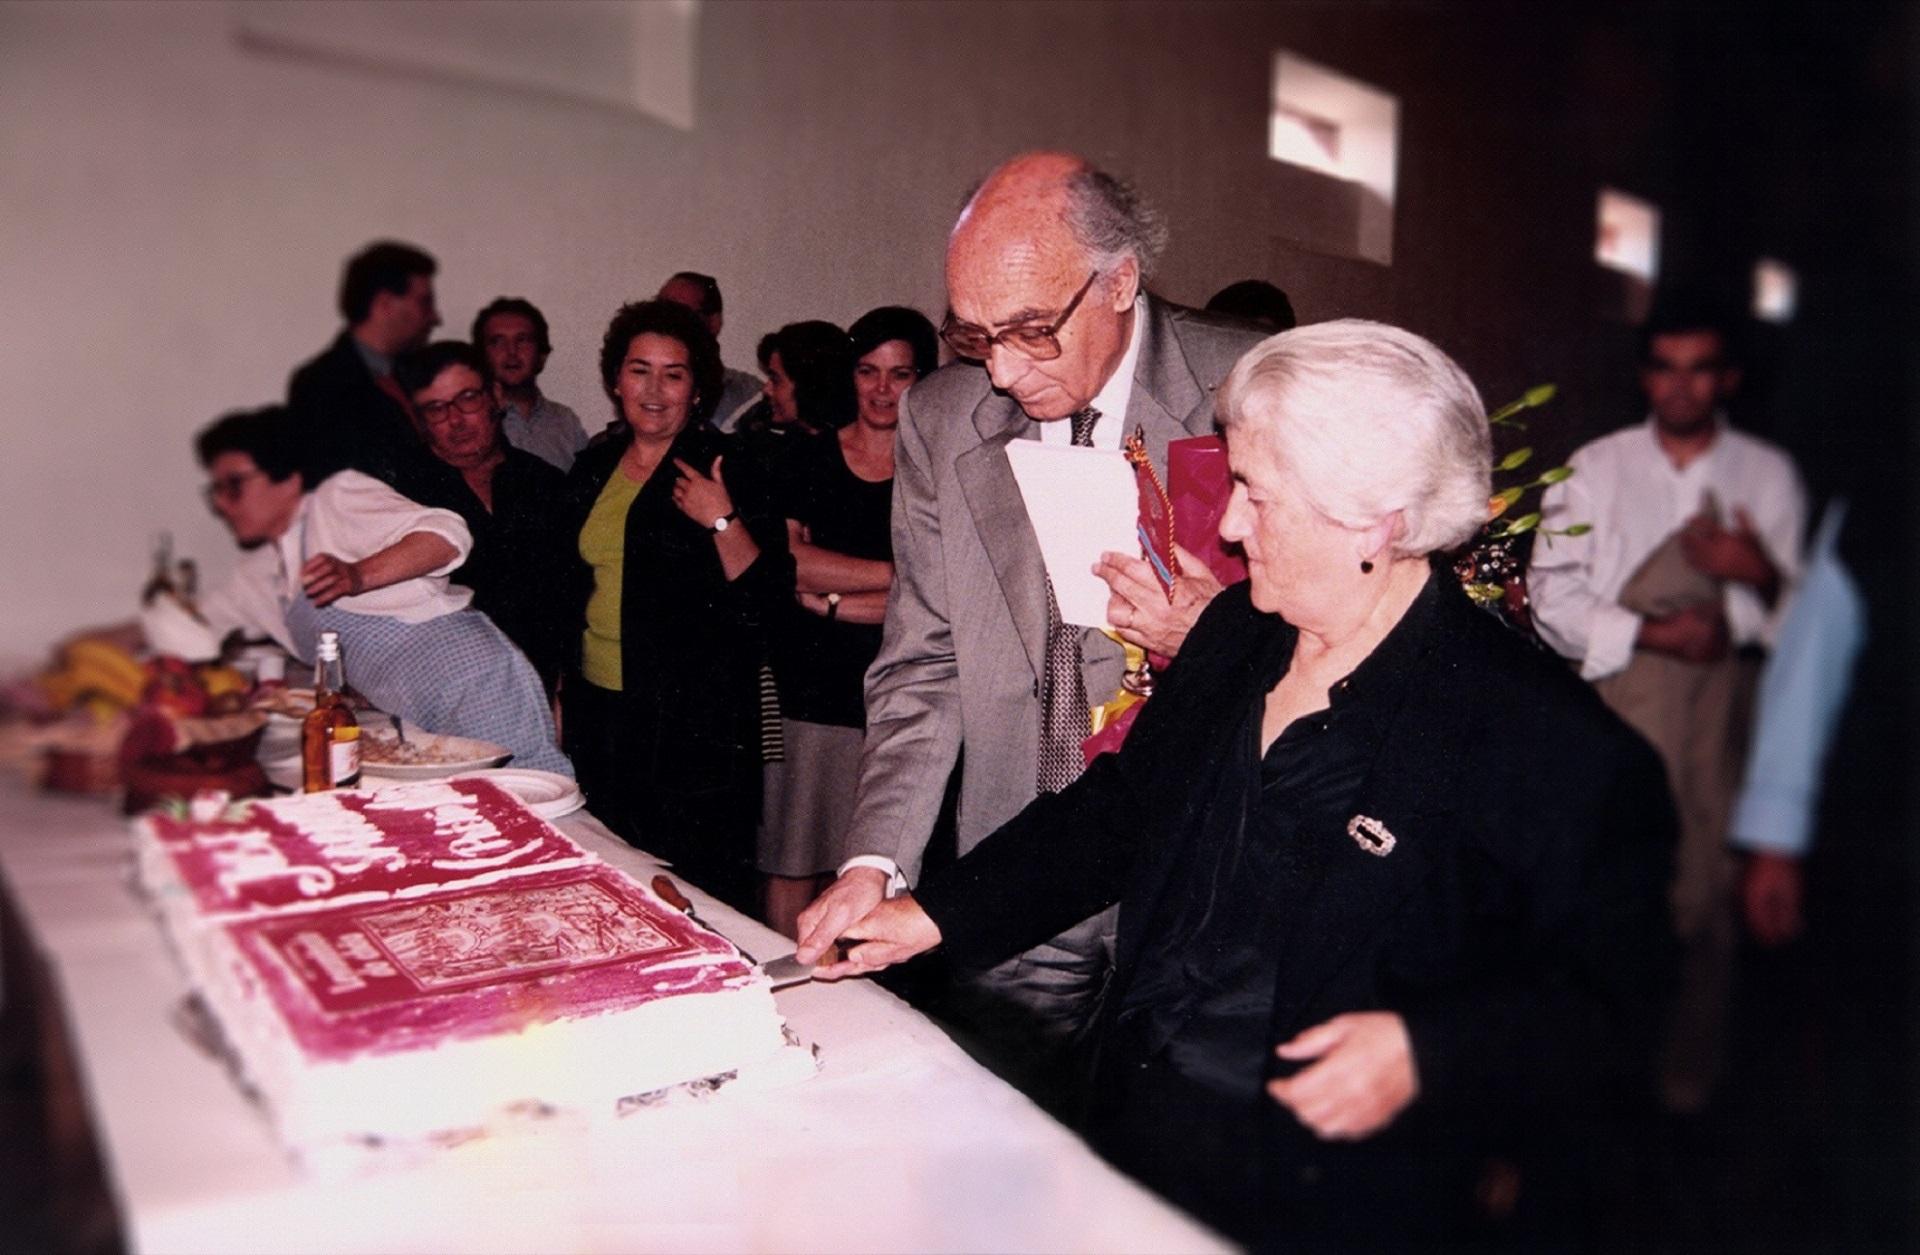 José Saramago no almoço comemorativo pela entrega do Prémio Nobel, em Lavre, 1998. Mariana Bes...